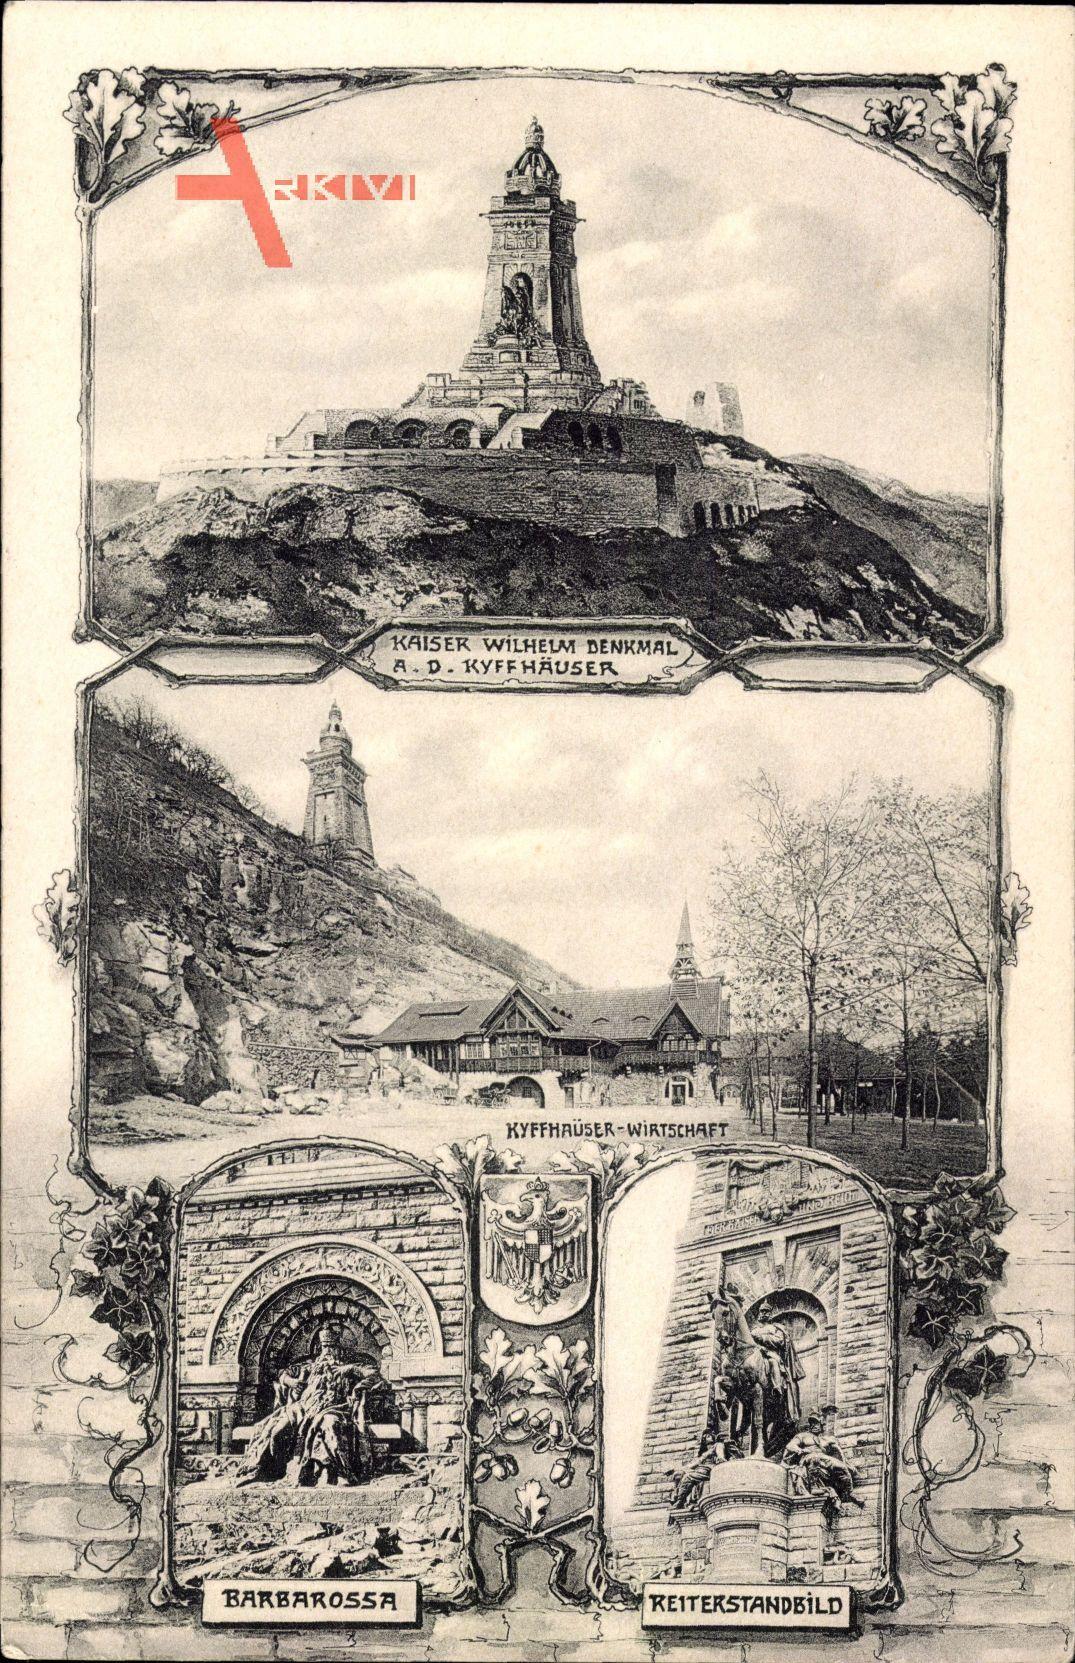 Kyffhäuserland Thüringen, Kaiser Wilhelm Denkmal, Barbarossa, Wirtschaft